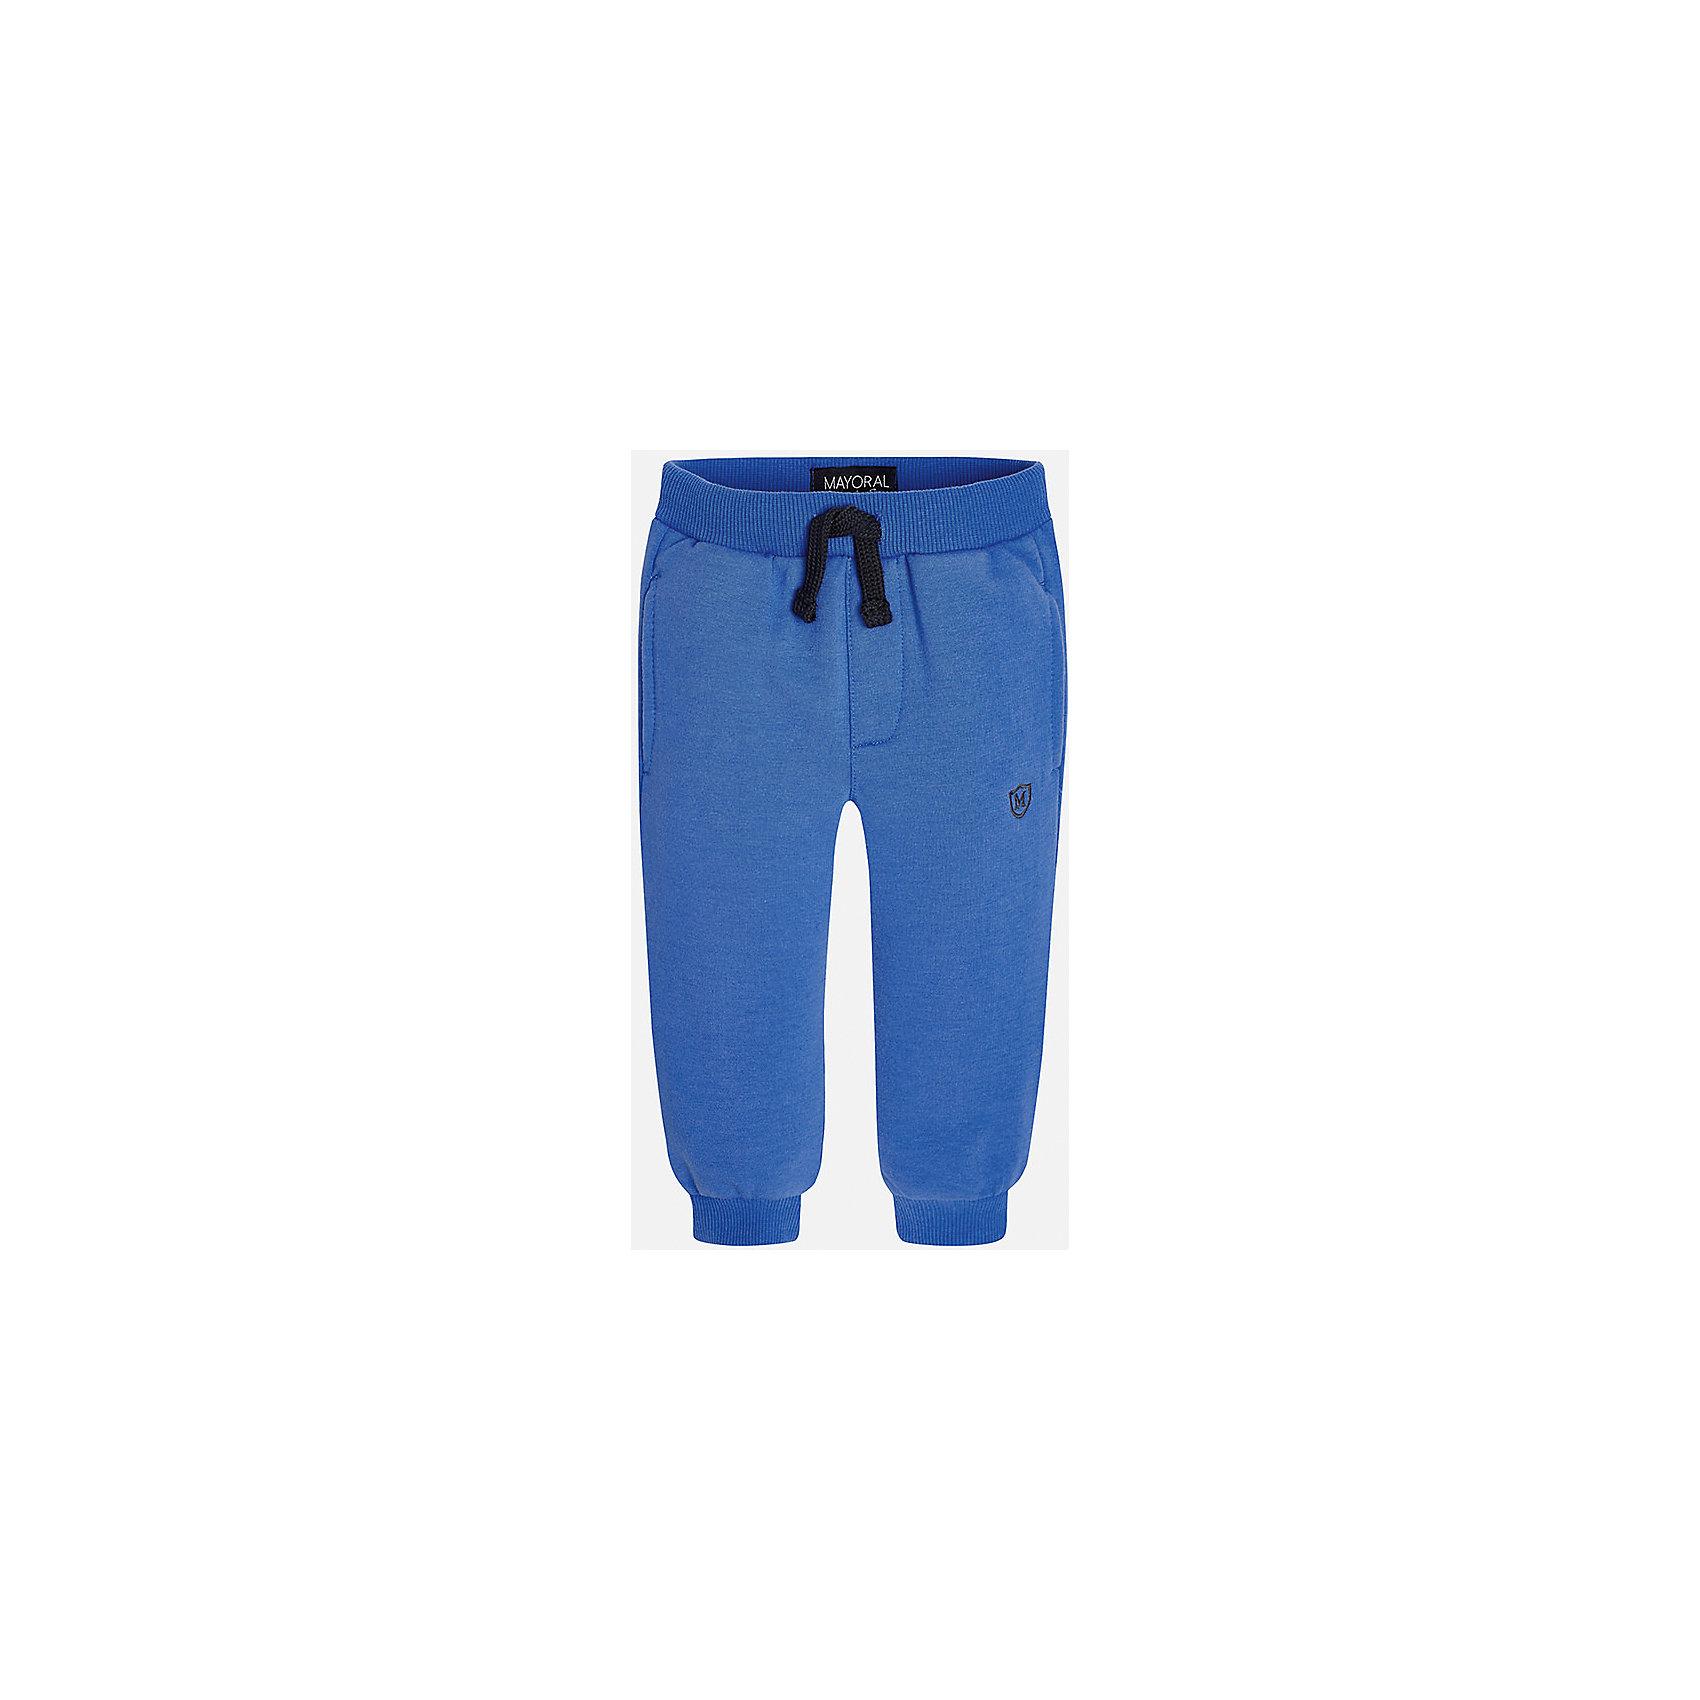 Брюки для мальчика MayoralБрюки<br>Очень удобные укороченные спортивные брюки для мальчика! У брюк зауженный крой, хорошая посадка, на талии регулируются специальной резинкой.<br><br>Дополнительная информация:<br><br>- Крой: зауженный крой.<br>- Страна бренда: Испания.<br>- Состав: хлопок 34%, полиэстер 62%, эластан 4%.<br>- Цвет: синий.<br>- Уход: бережная стирка при 30 градусах.<br><br>Купить брюки для мальчика Mayoral можно в нашем магазине.<br><br>Ширина мм: 215<br>Глубина мм: 88<br>Высота мм: 191<br>Вес г: 336<br>Цвет: синий<br>Возраст от месяцев: 6<br>Возраст до месяцев: 9<br>Пол: Мужской<br>Возраст: Детский<br>Размер: 74,92,86,80<br>SKU: 4826776